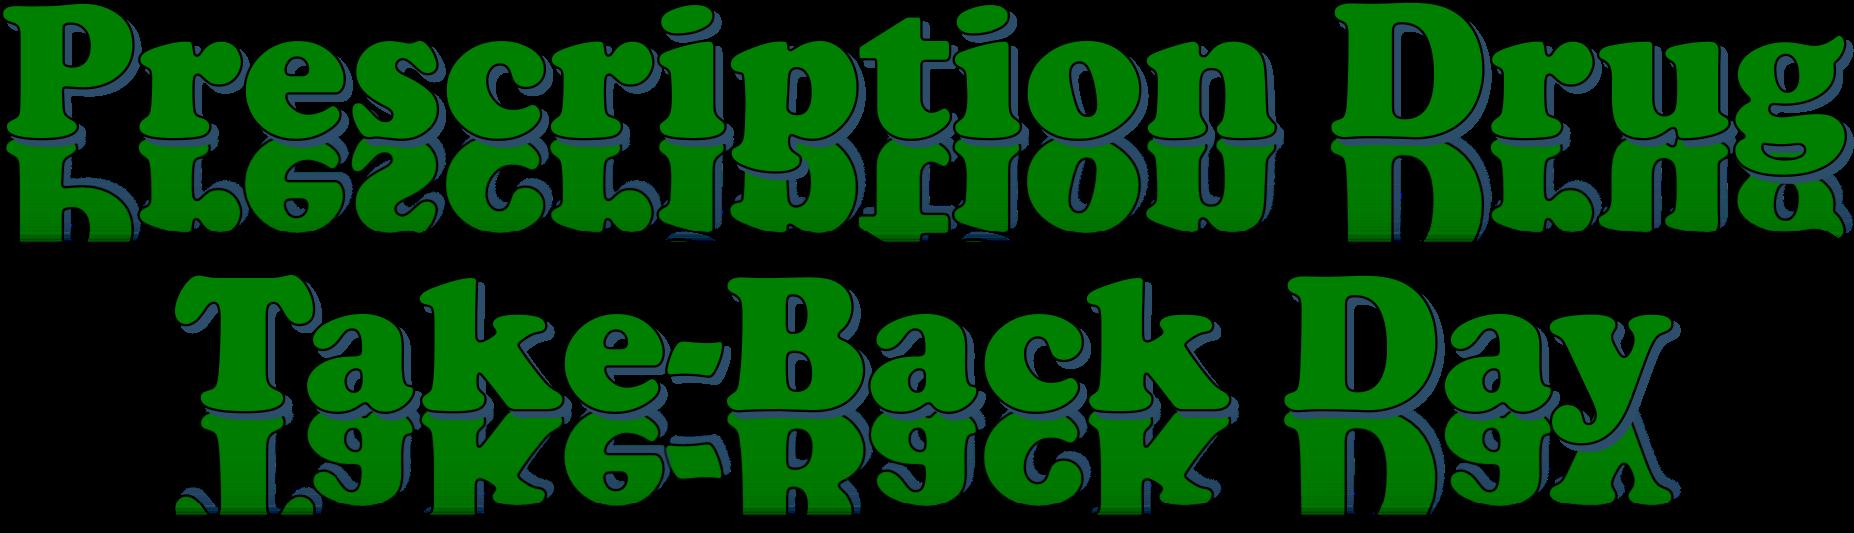 Transparent taking medication clipart - Important Event April Prescription Drug Take Back Ⓒ - Graphic Design